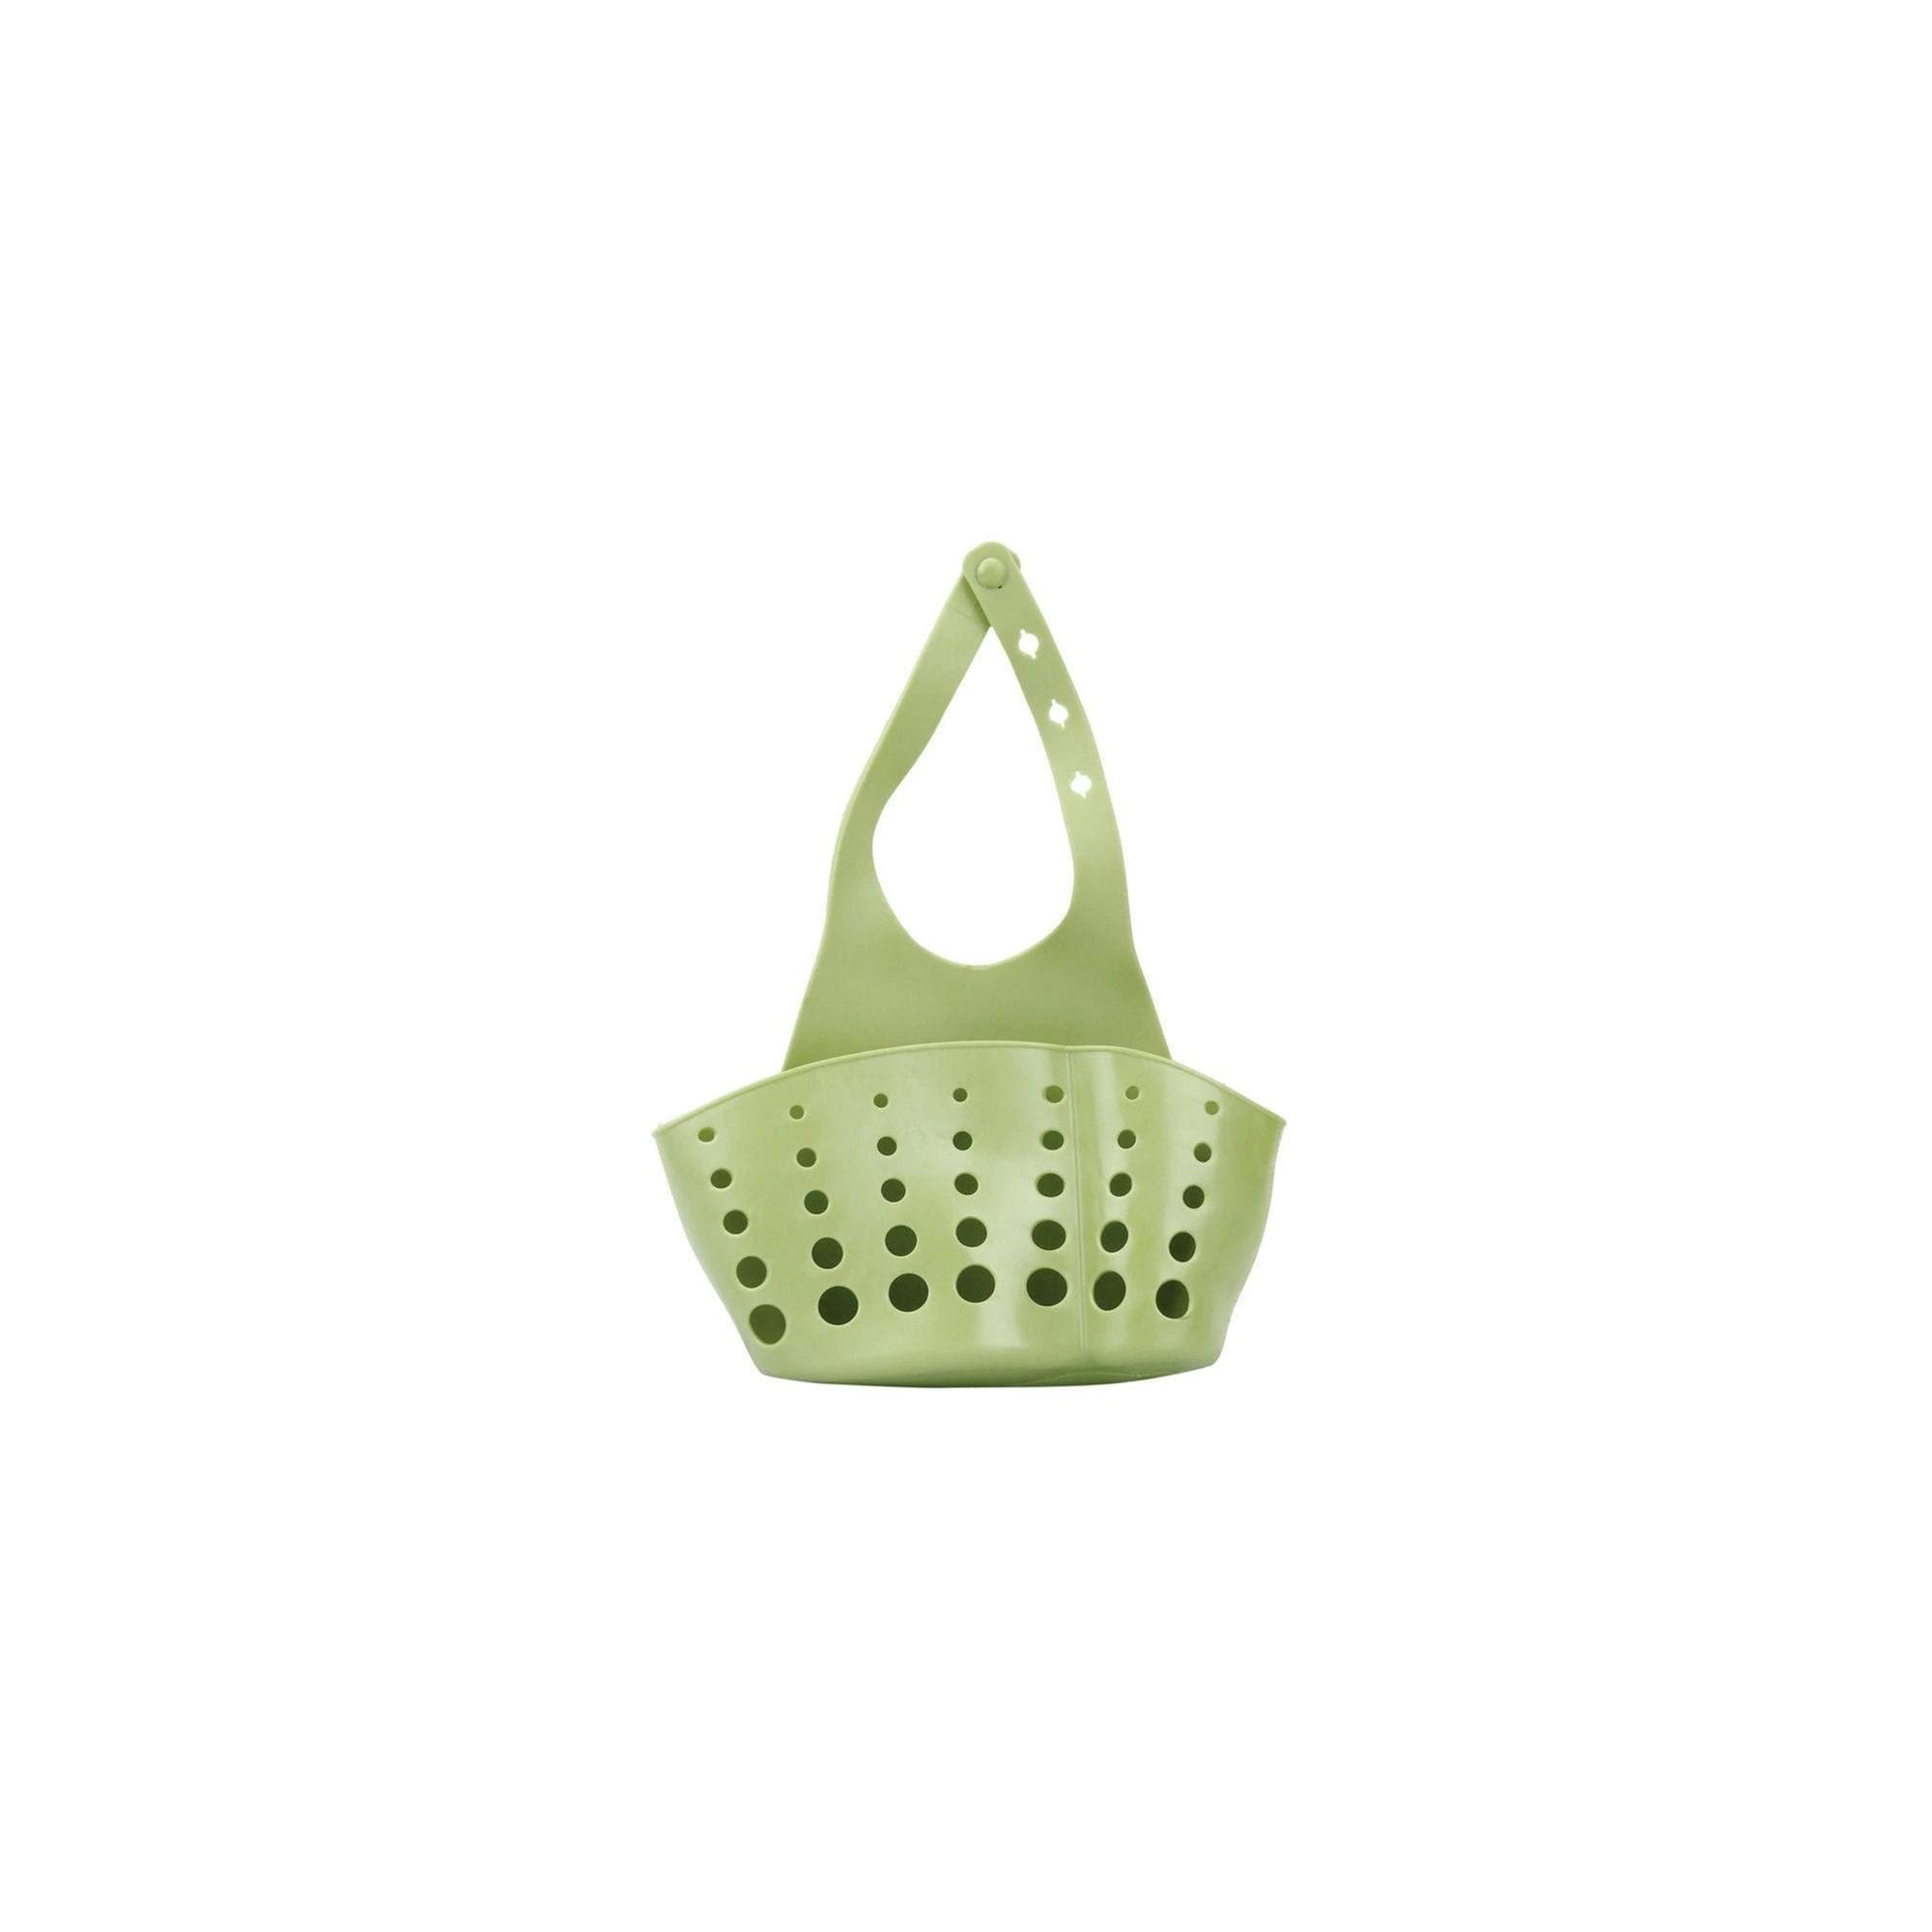 Подвесная корзинка-органайзер для кухонных губок и принадлежностей, пищевой силикон ANGO зеленый ANGO